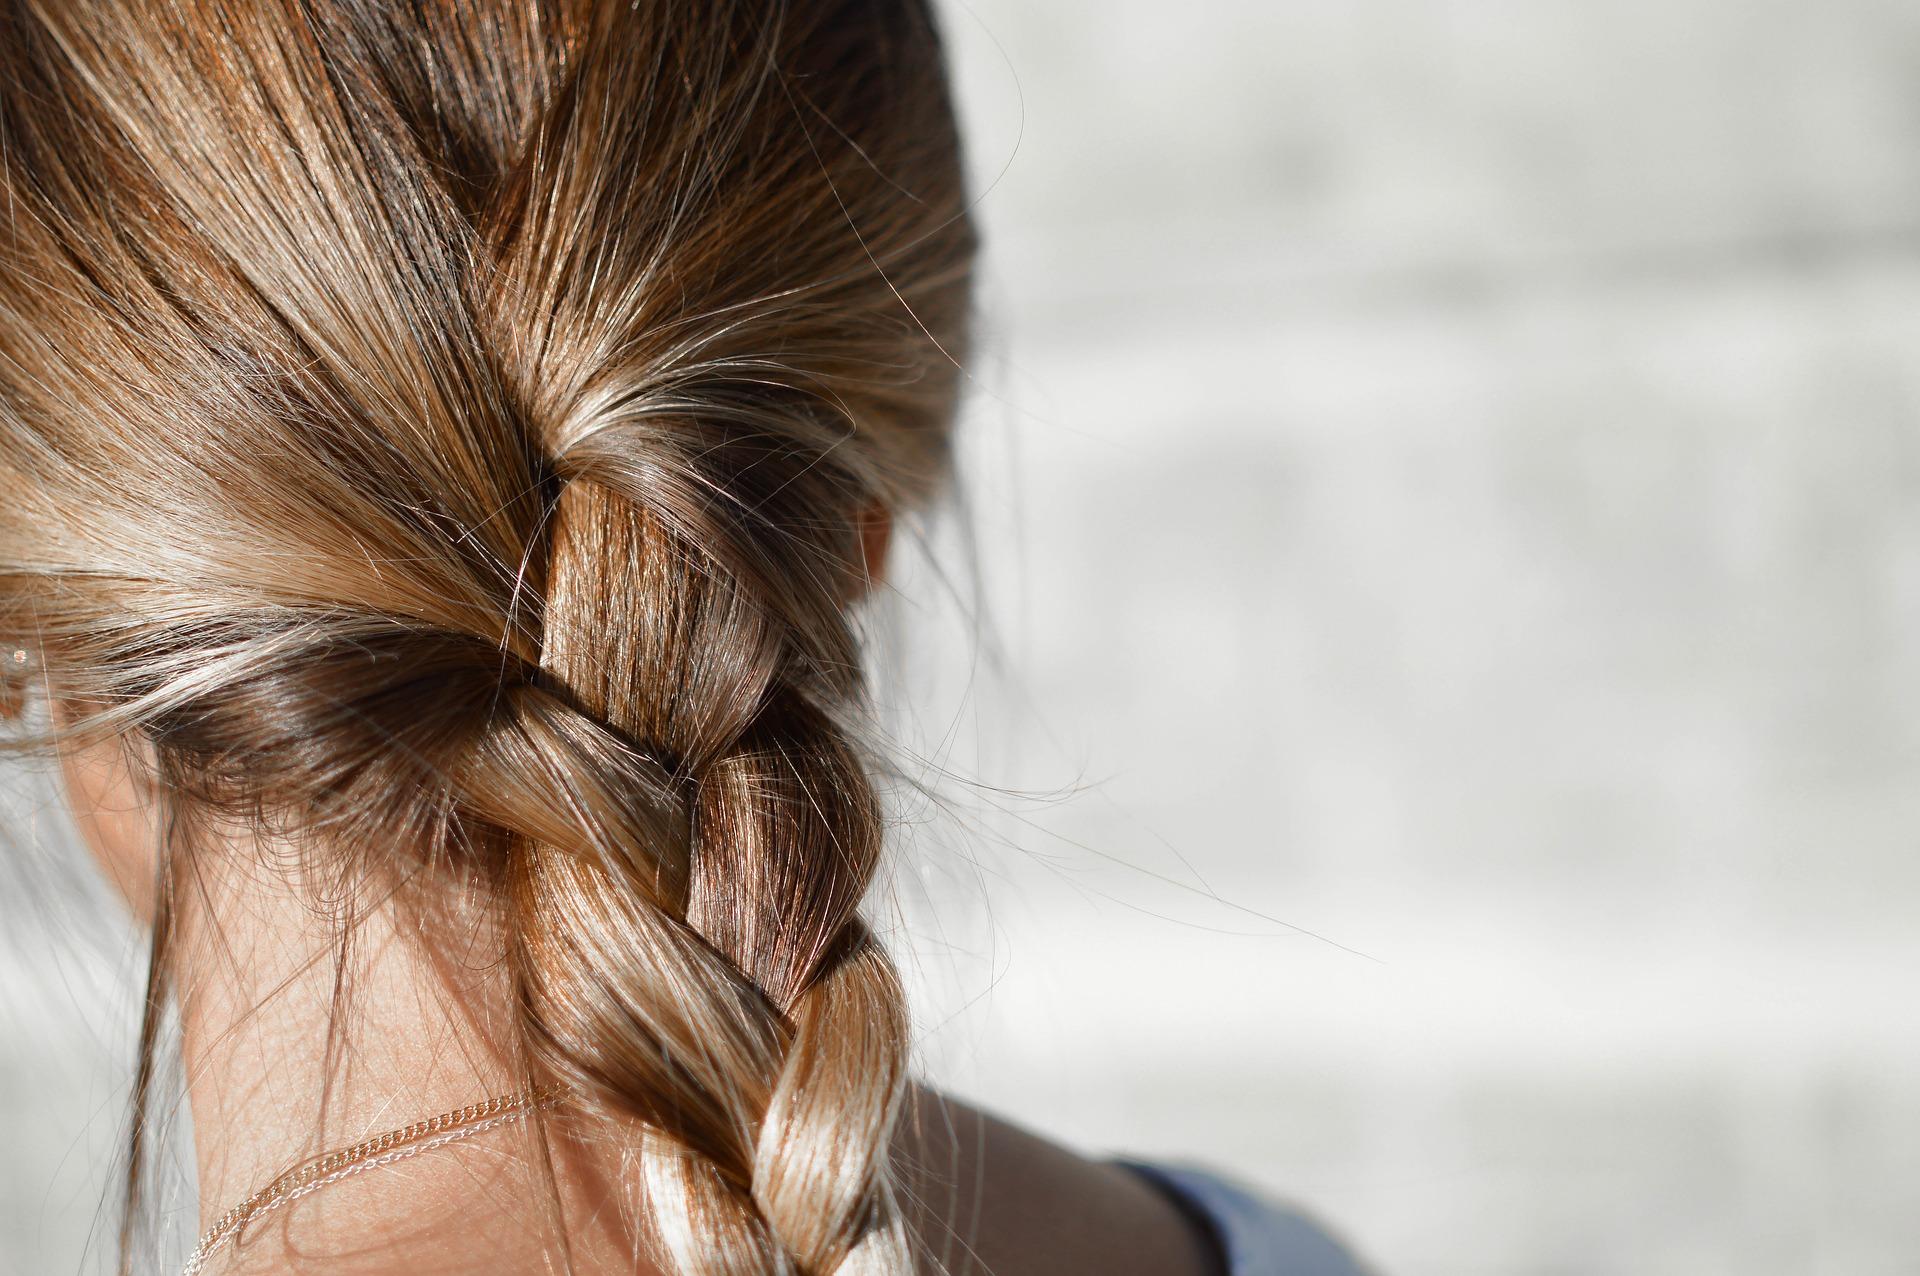 Los mejores consejos para cuidar tu cabello en verano